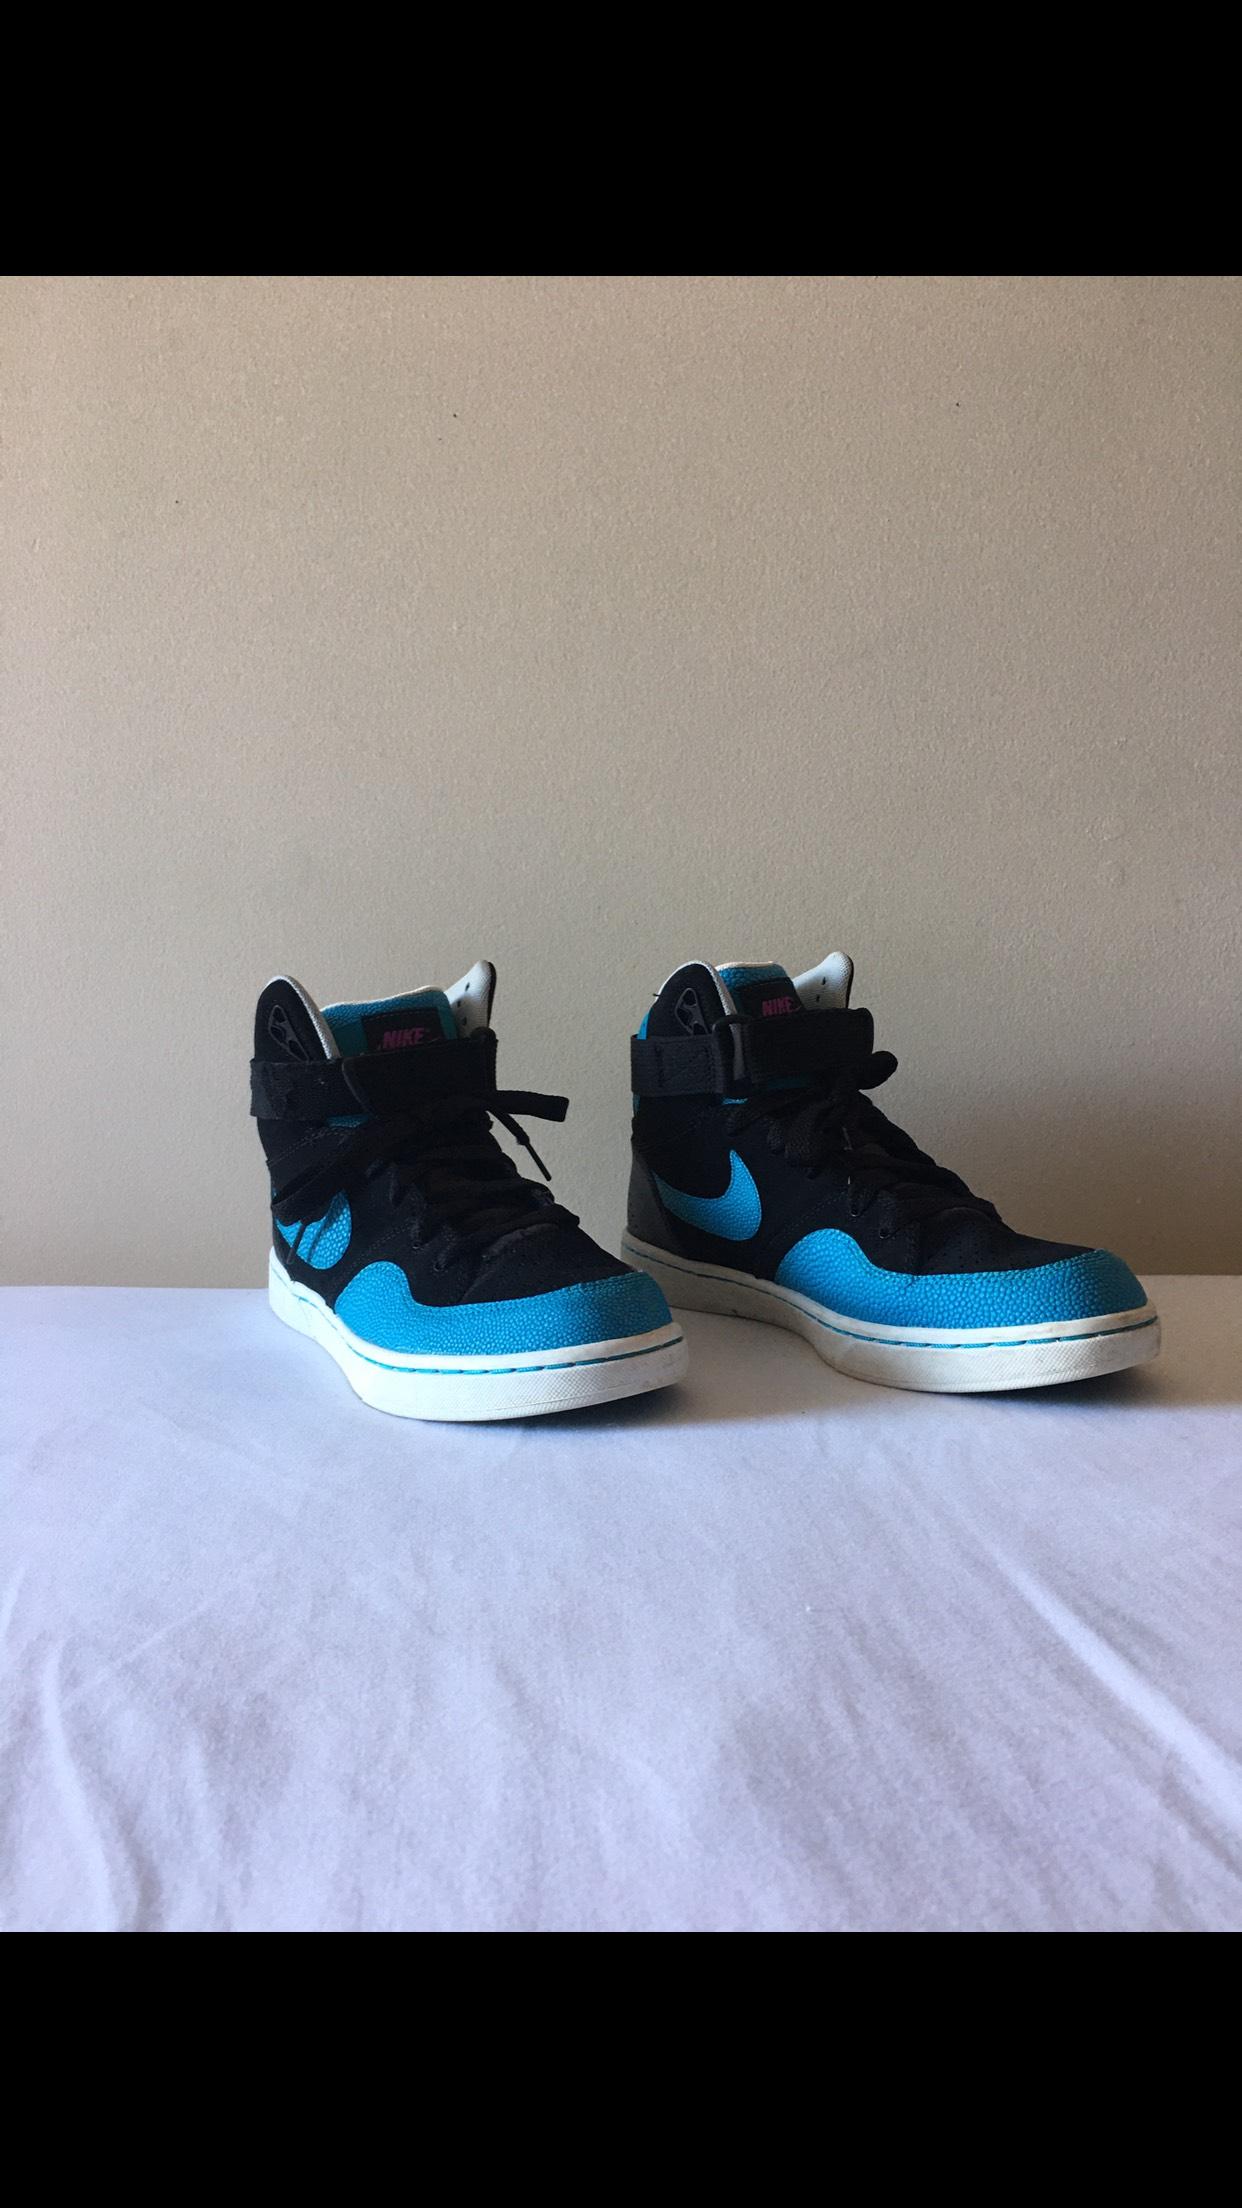 Nike - $80 - Size 8.5